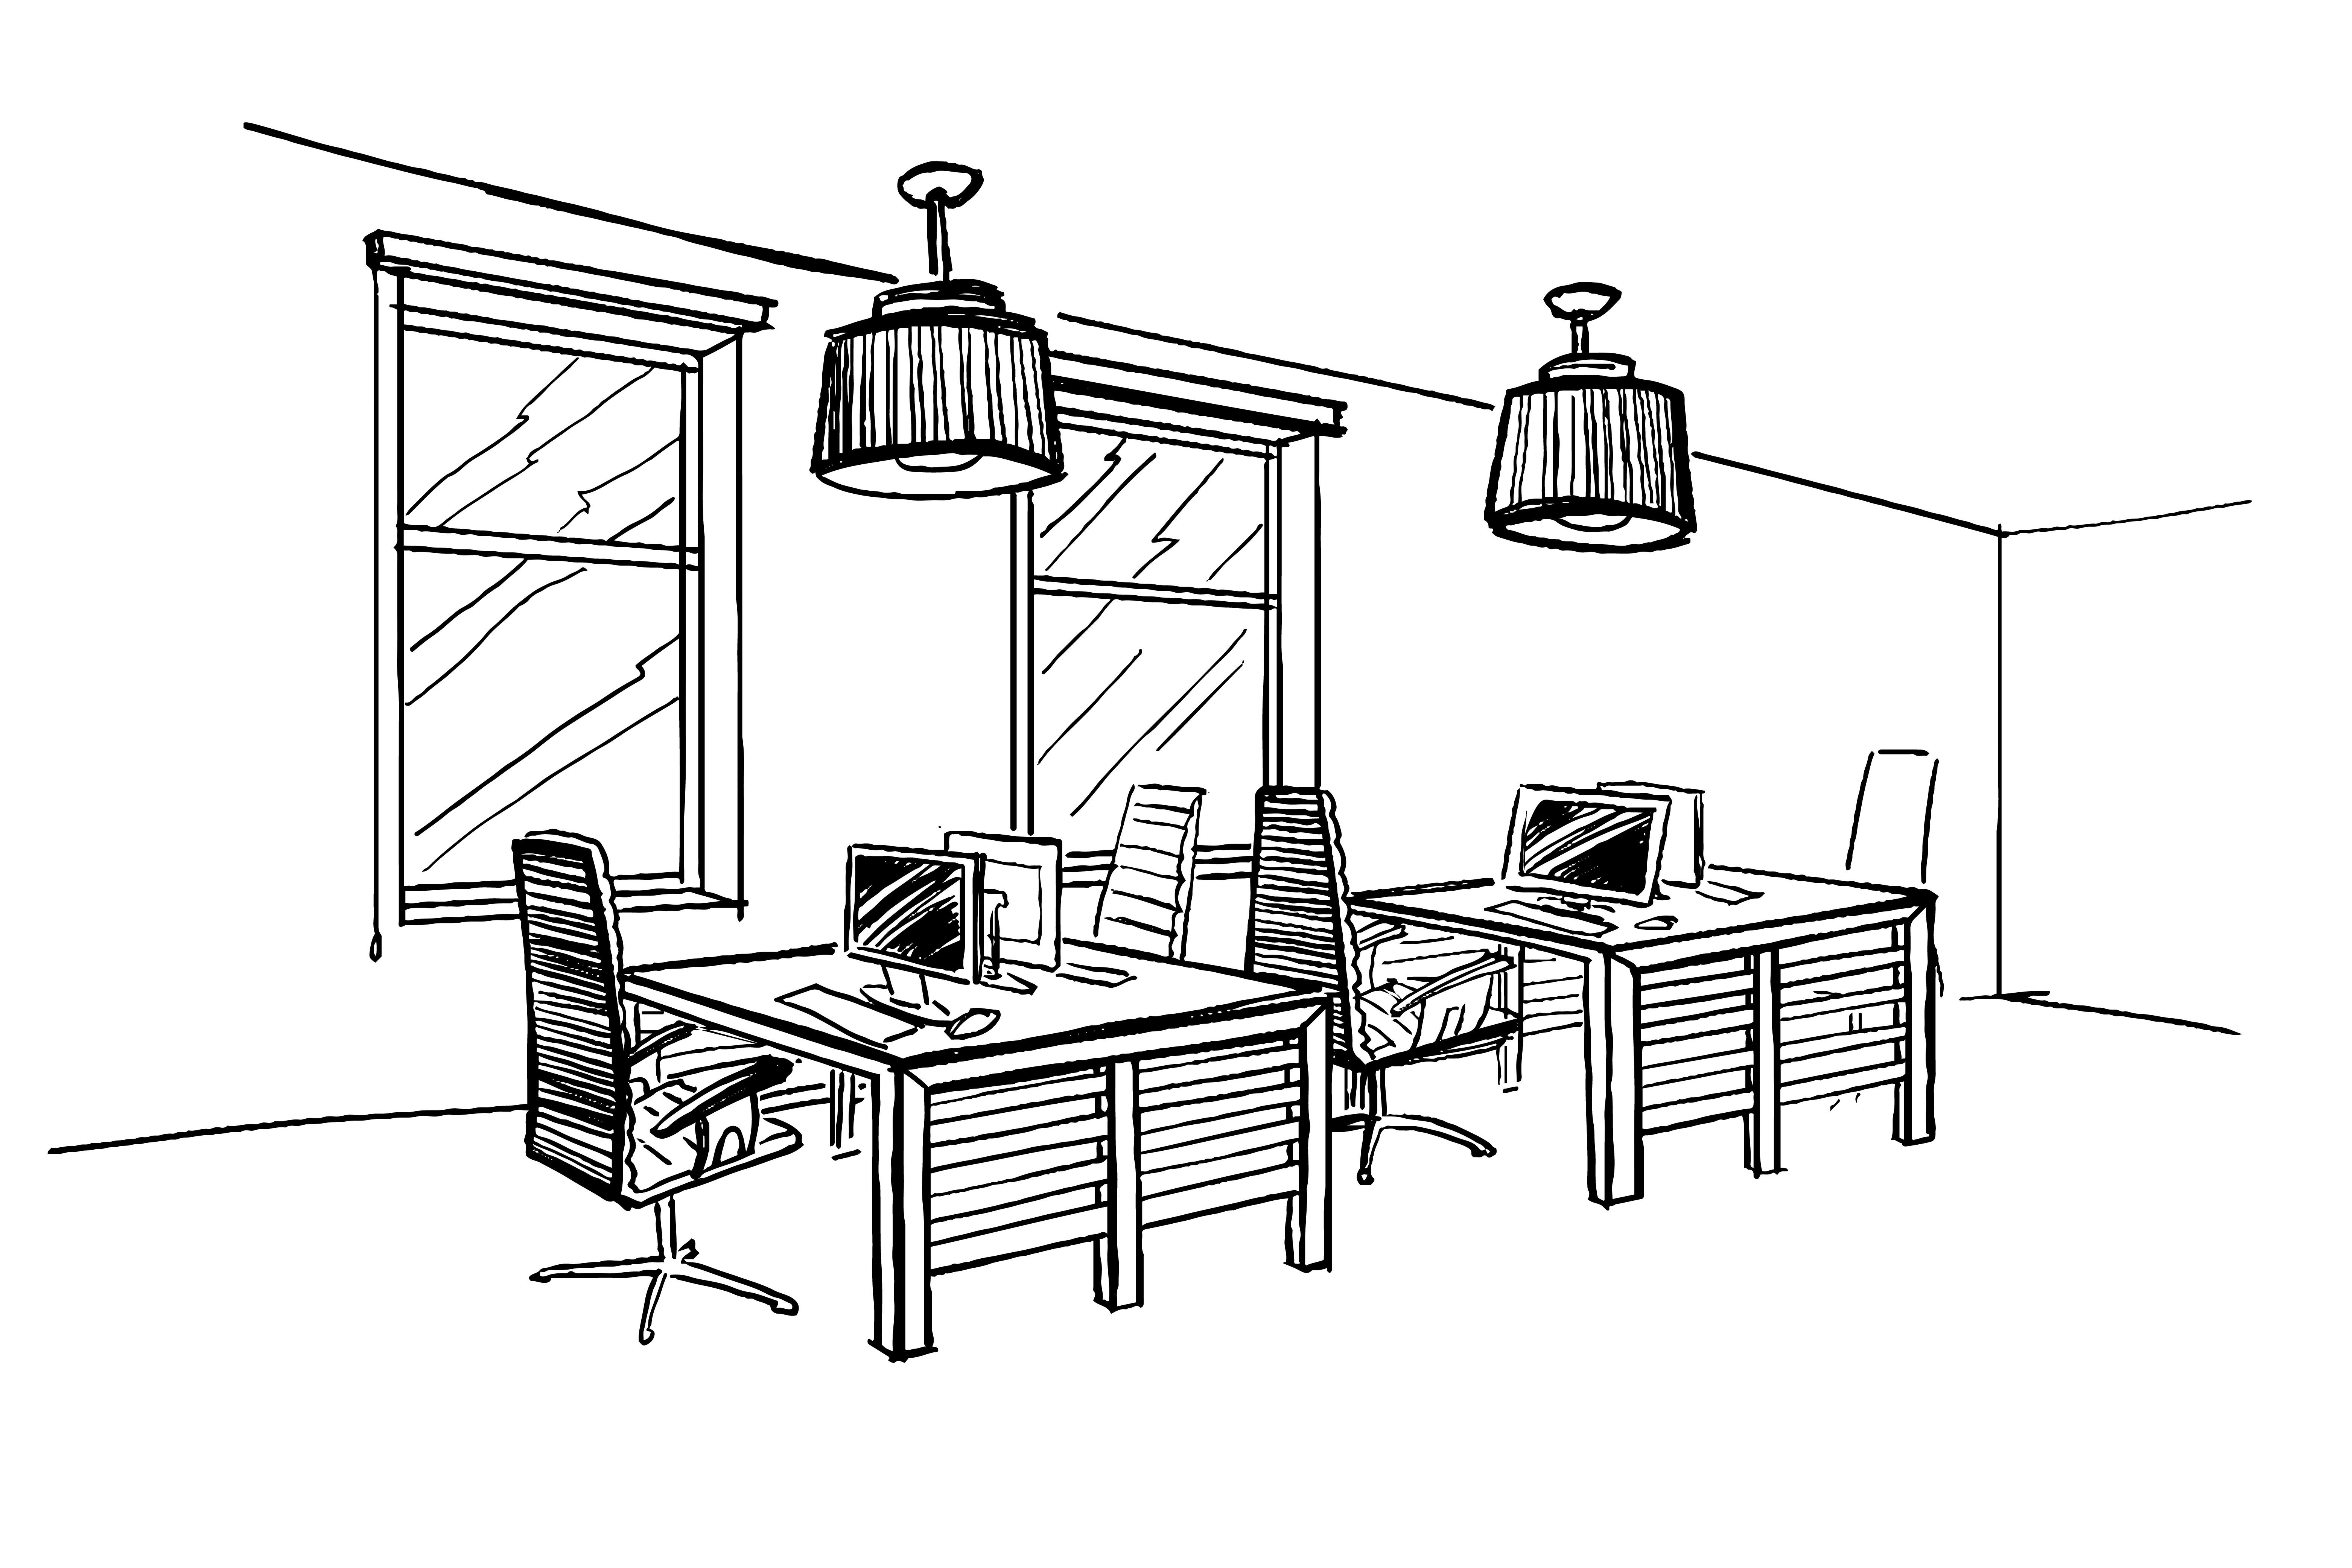 Coworking_Space_Office_Space.jpg